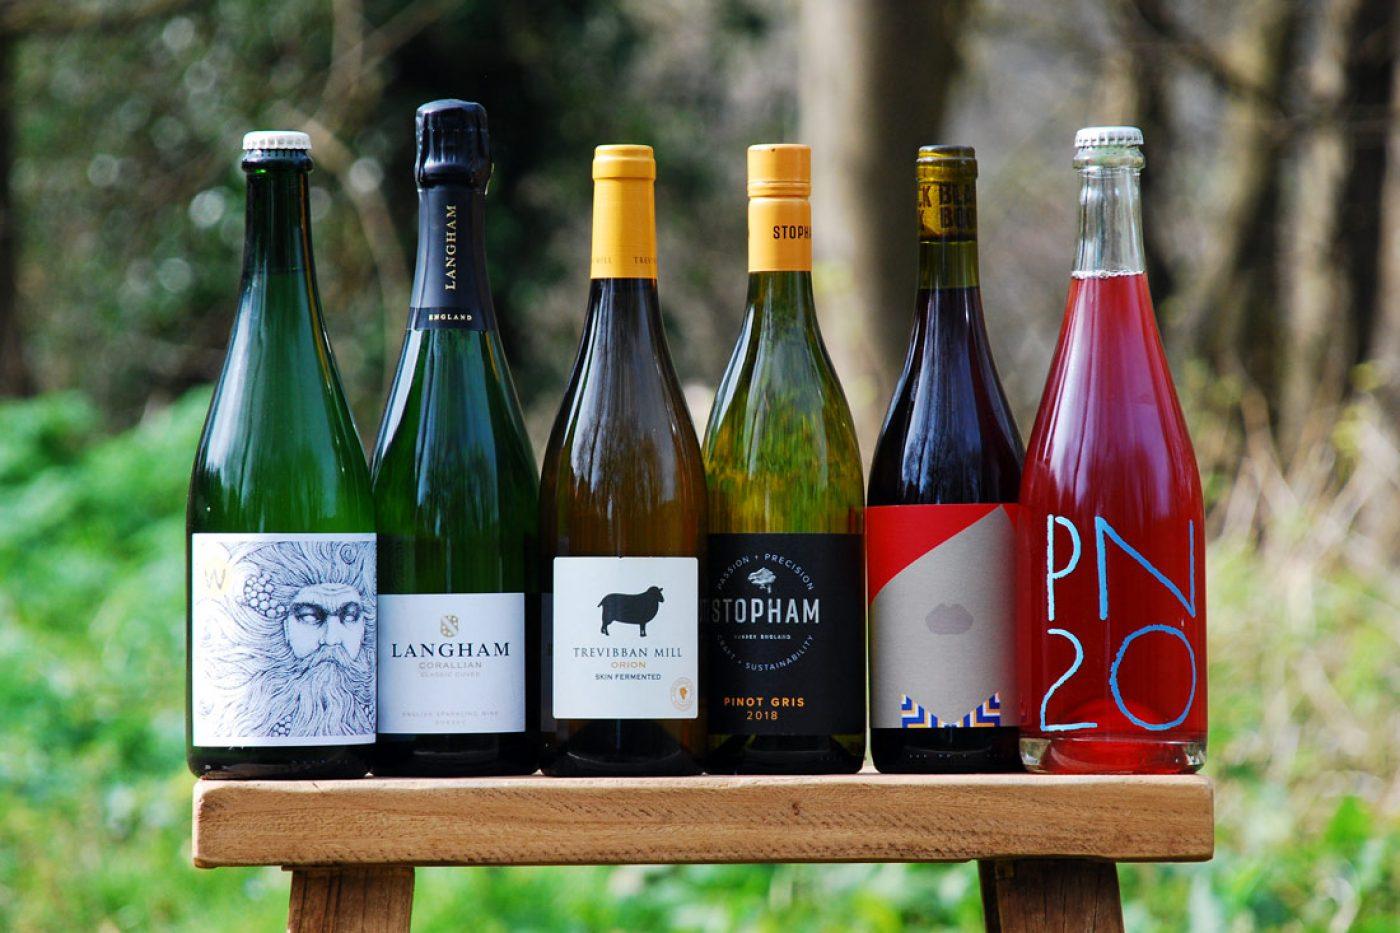 Emerging Vines - Online bottle shops